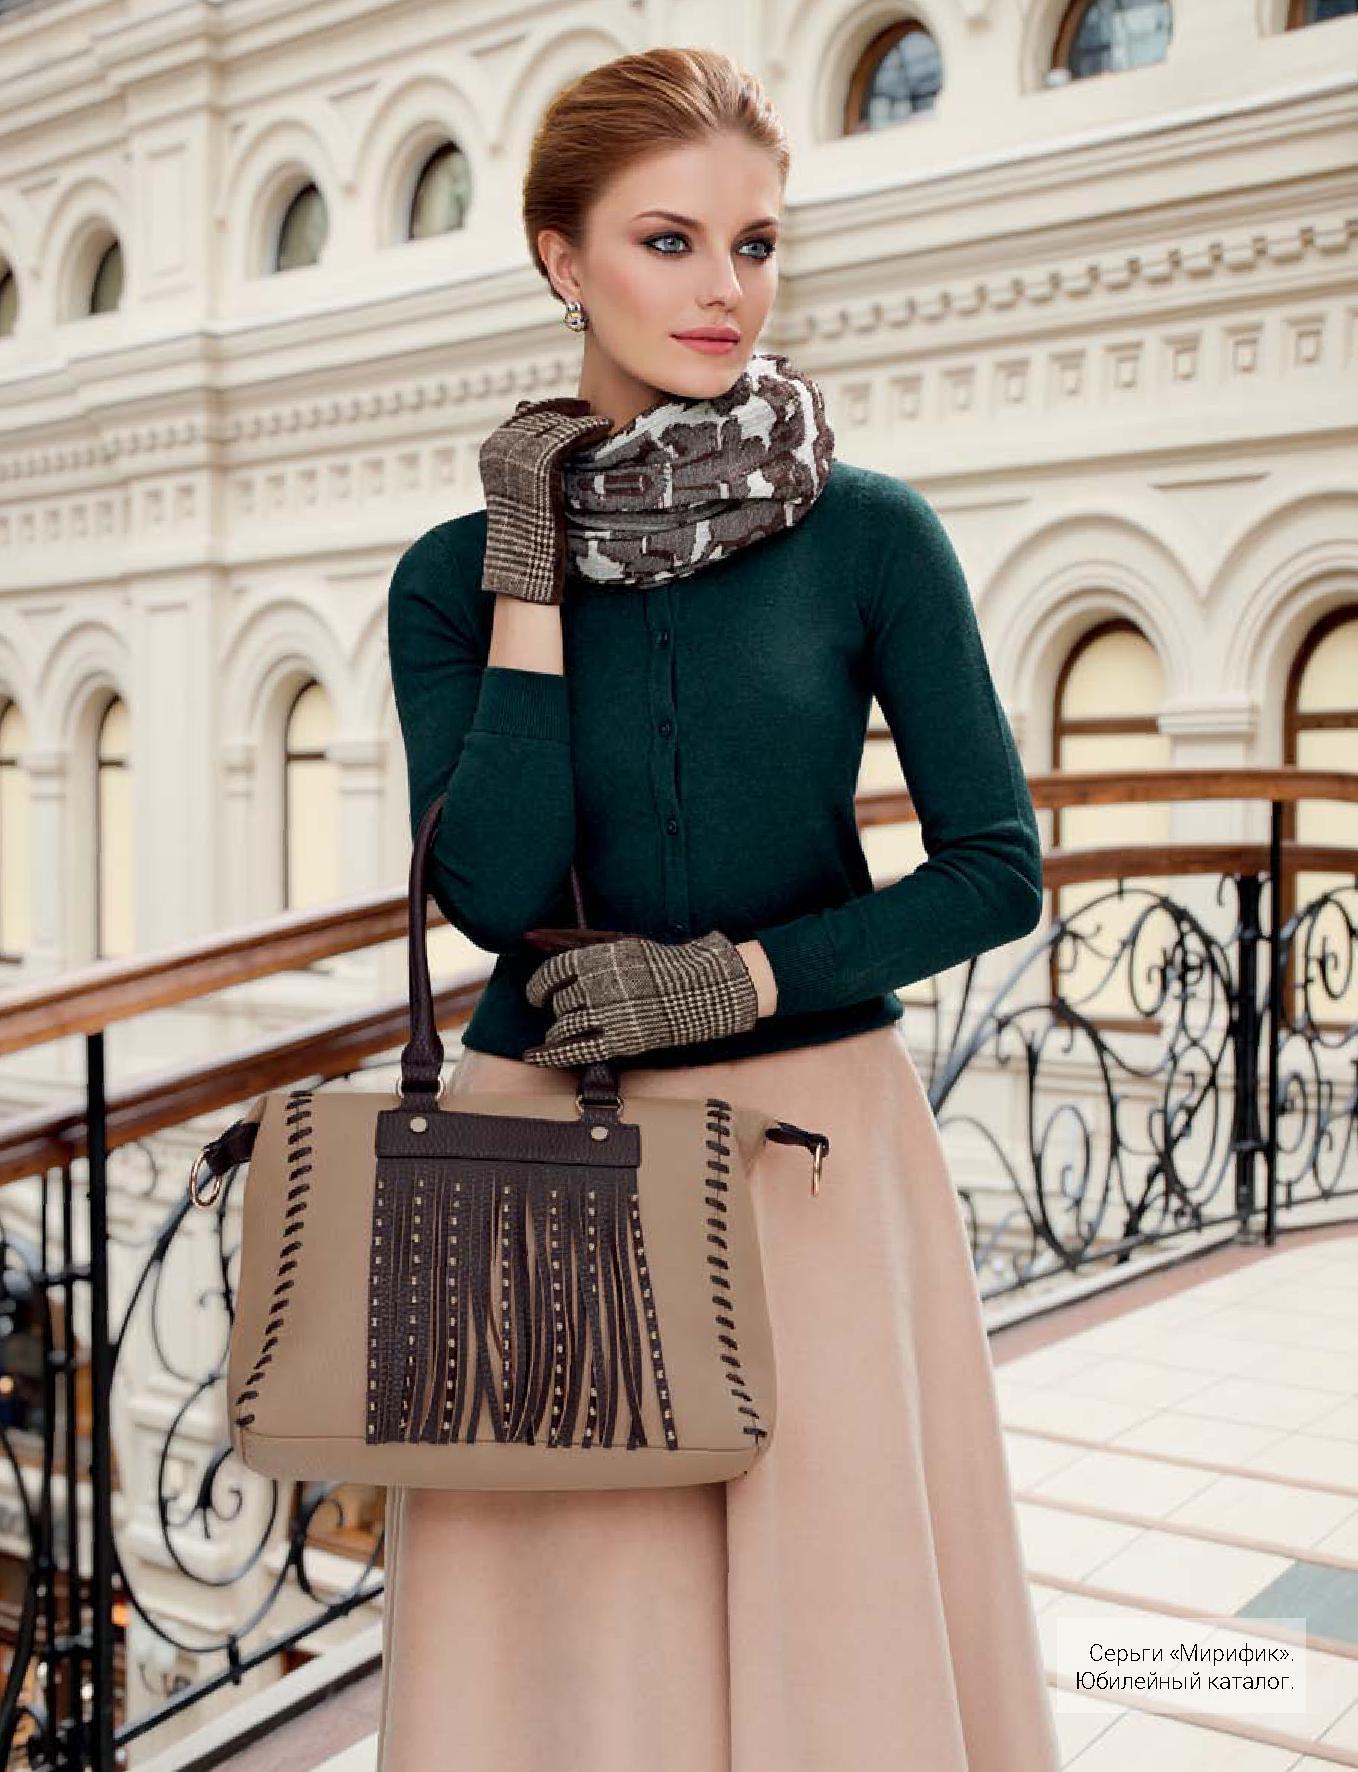 Флоранж Стайл - сумка Мокко, шарф Савойя и перчатки женские Жаклин